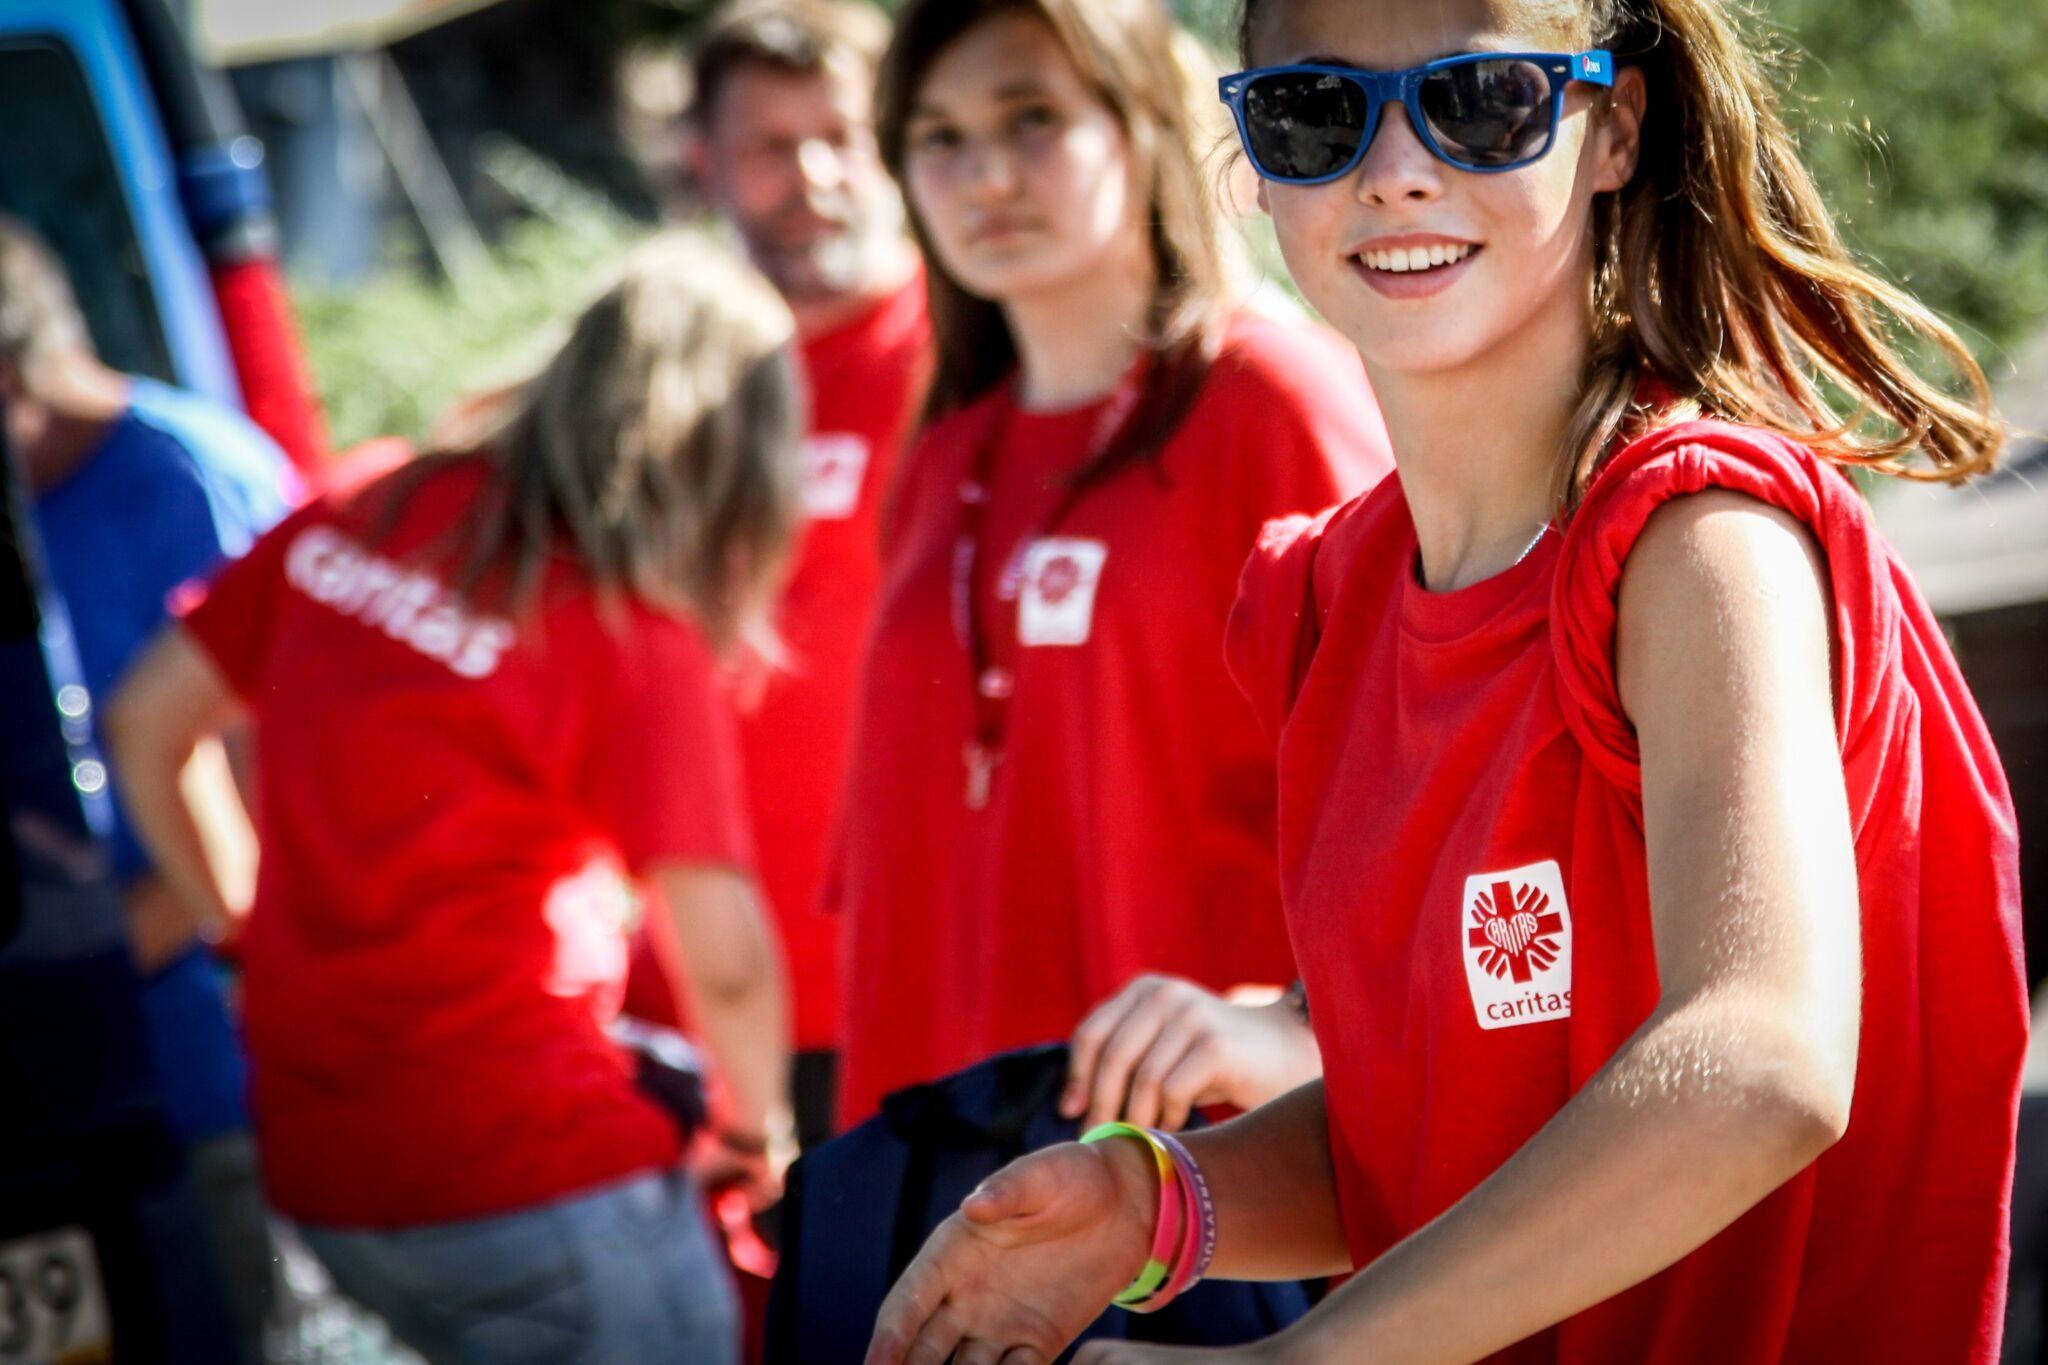 Caritas at World Youth Day 2016